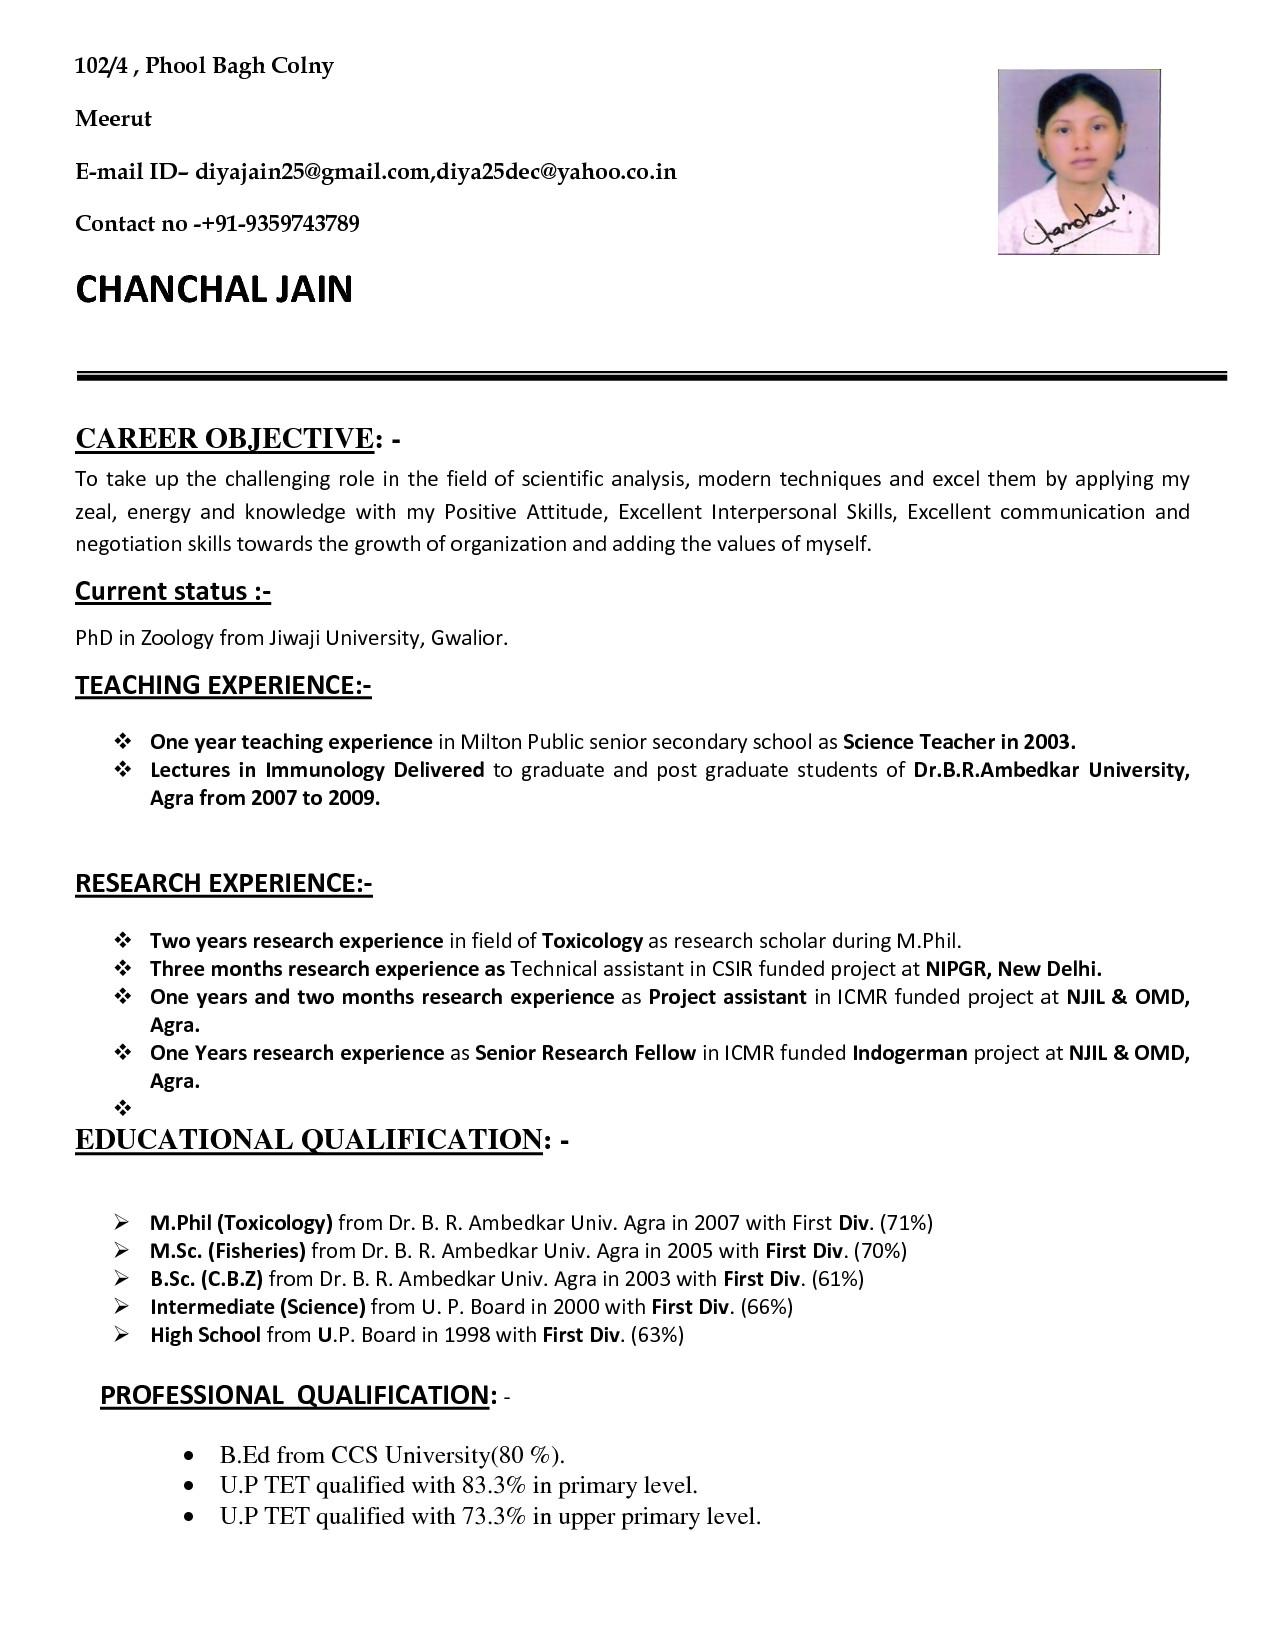 resume for a teacher job